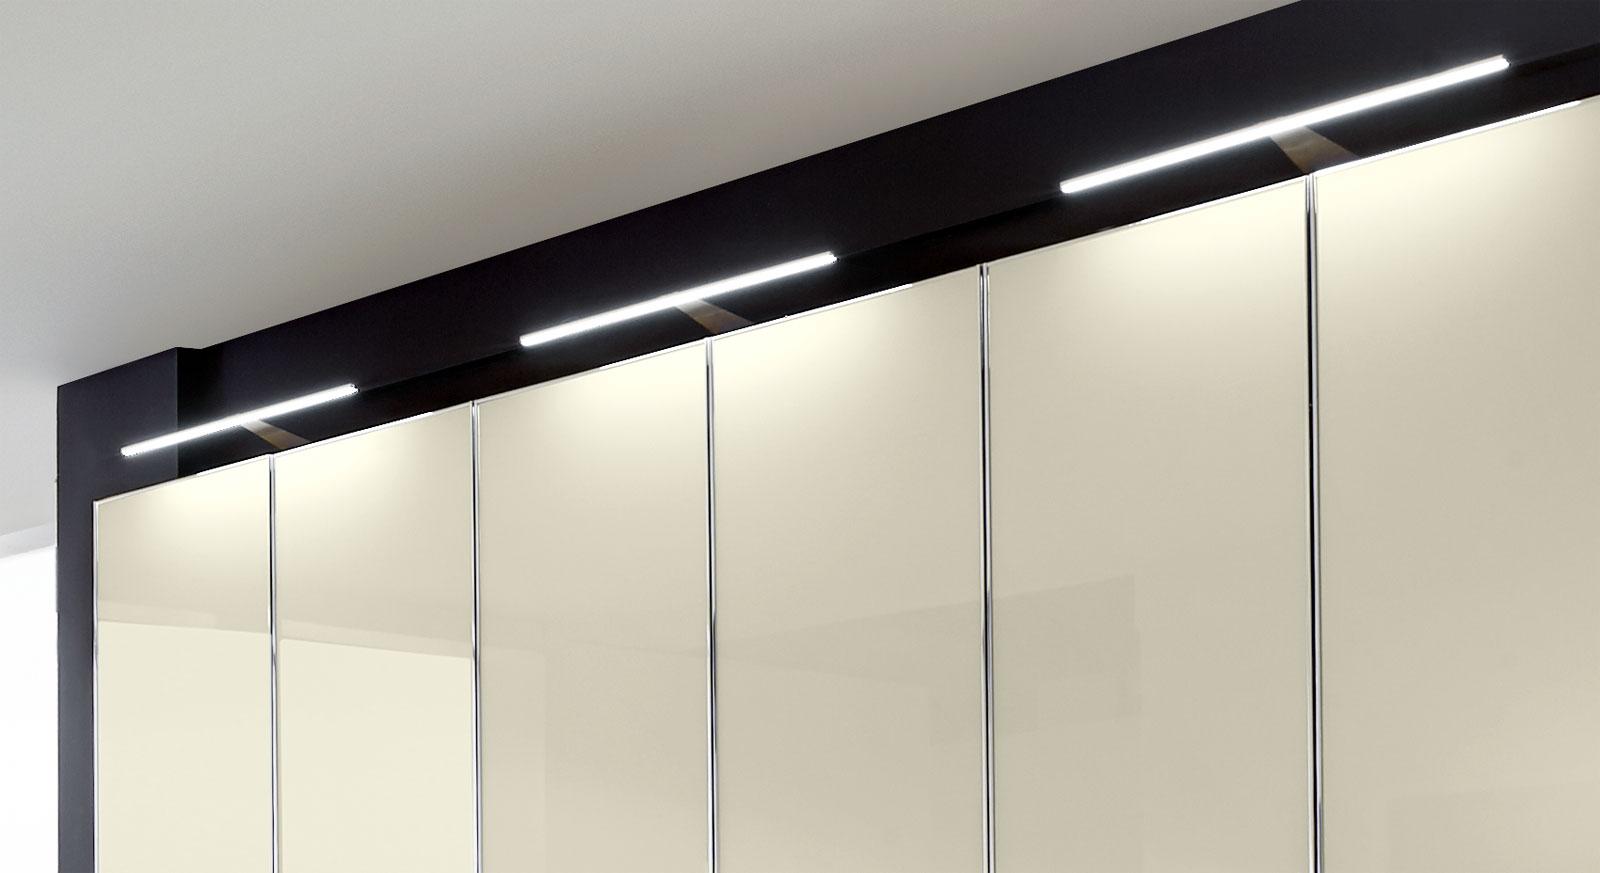 Drehtüren-Kleiderschrank Banga mit optionalen LED-Aufsatzleuchten